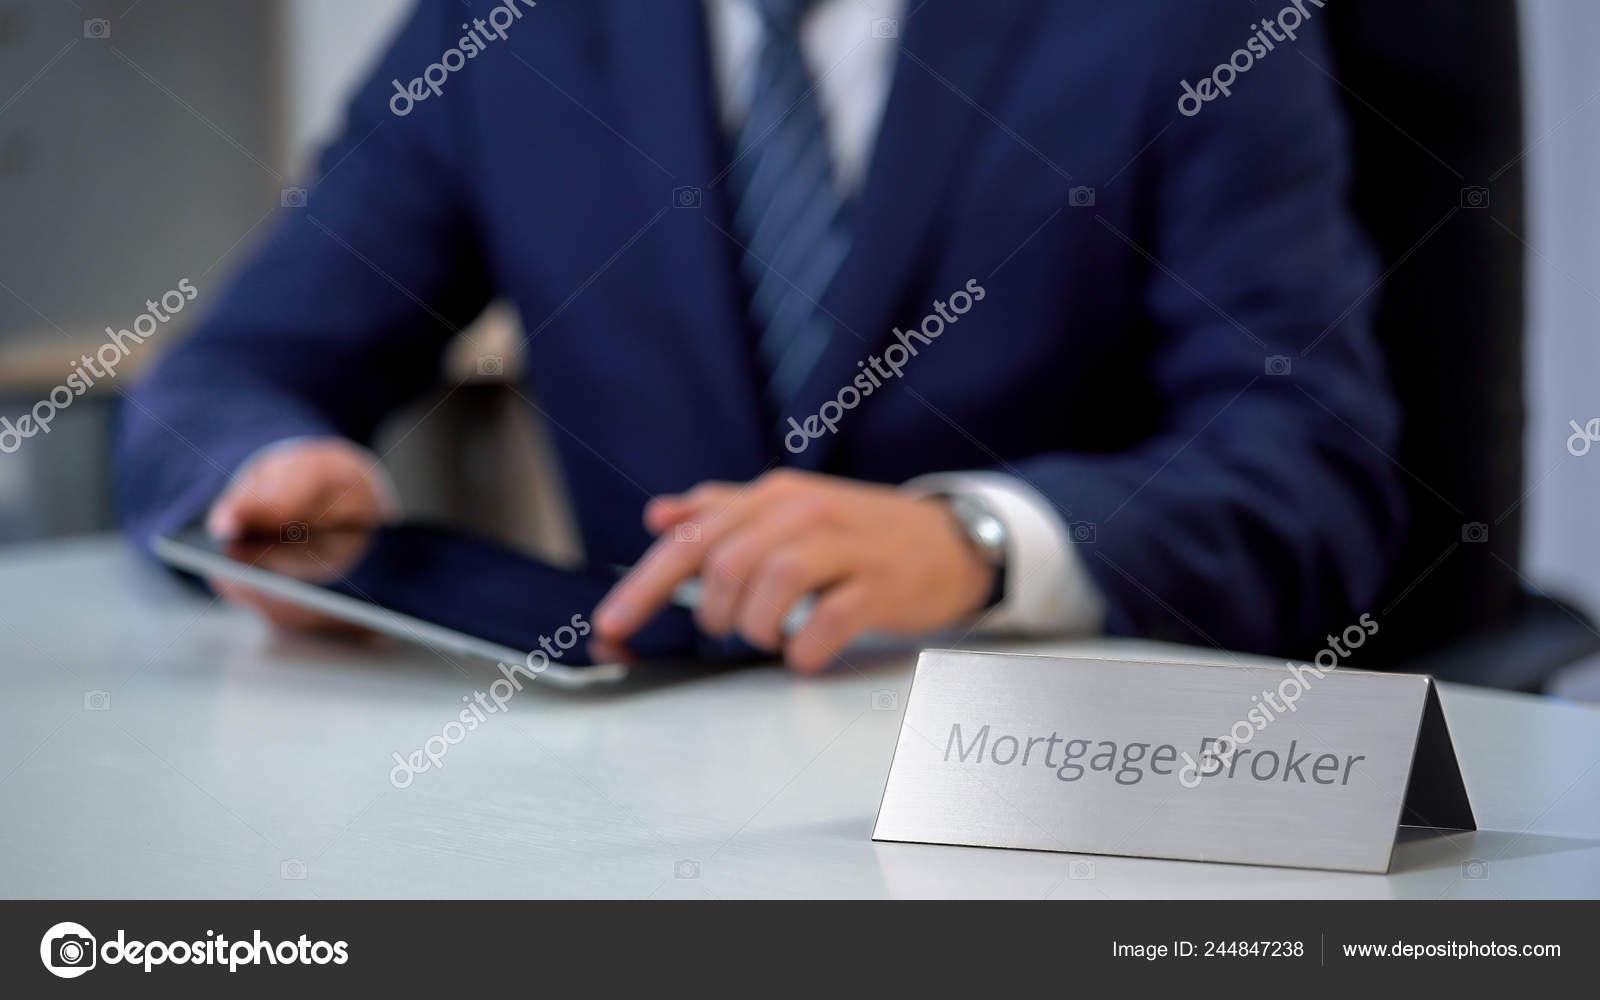 кредит с помощью брокера